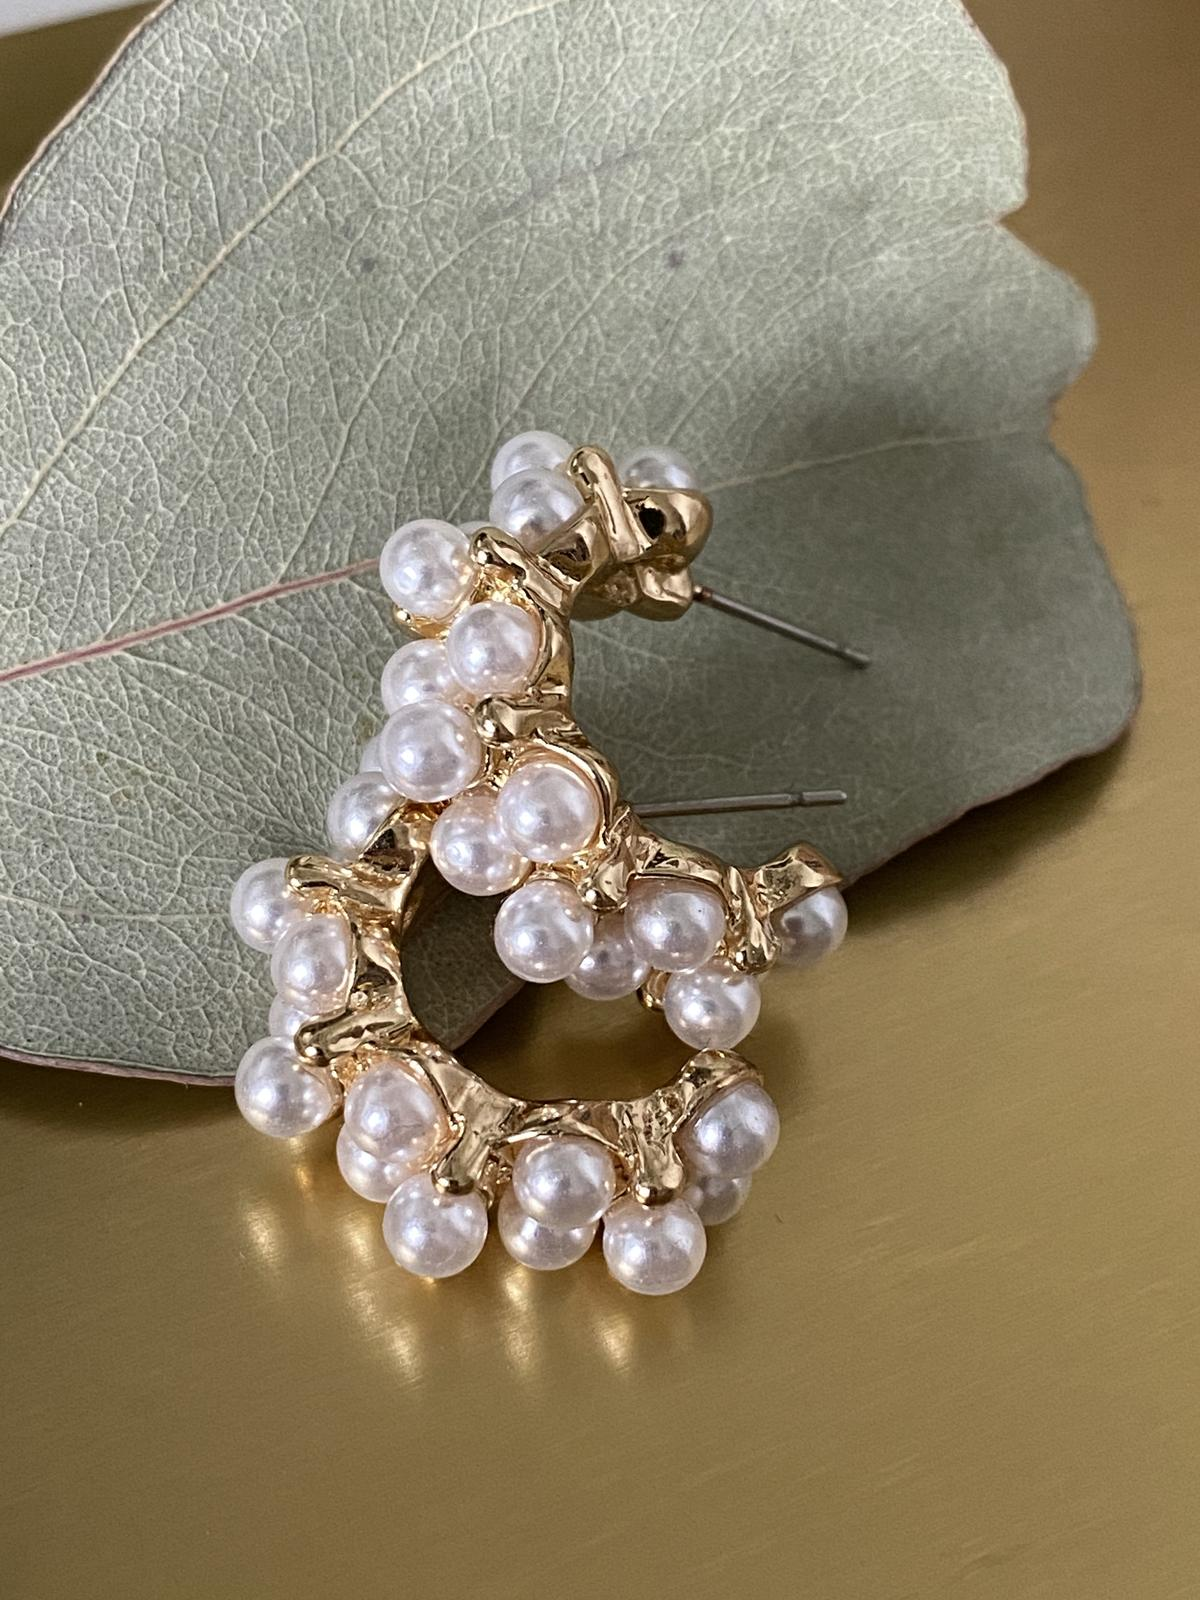 Náušnice s perličkami – bižuterie - Obrázek č. 1